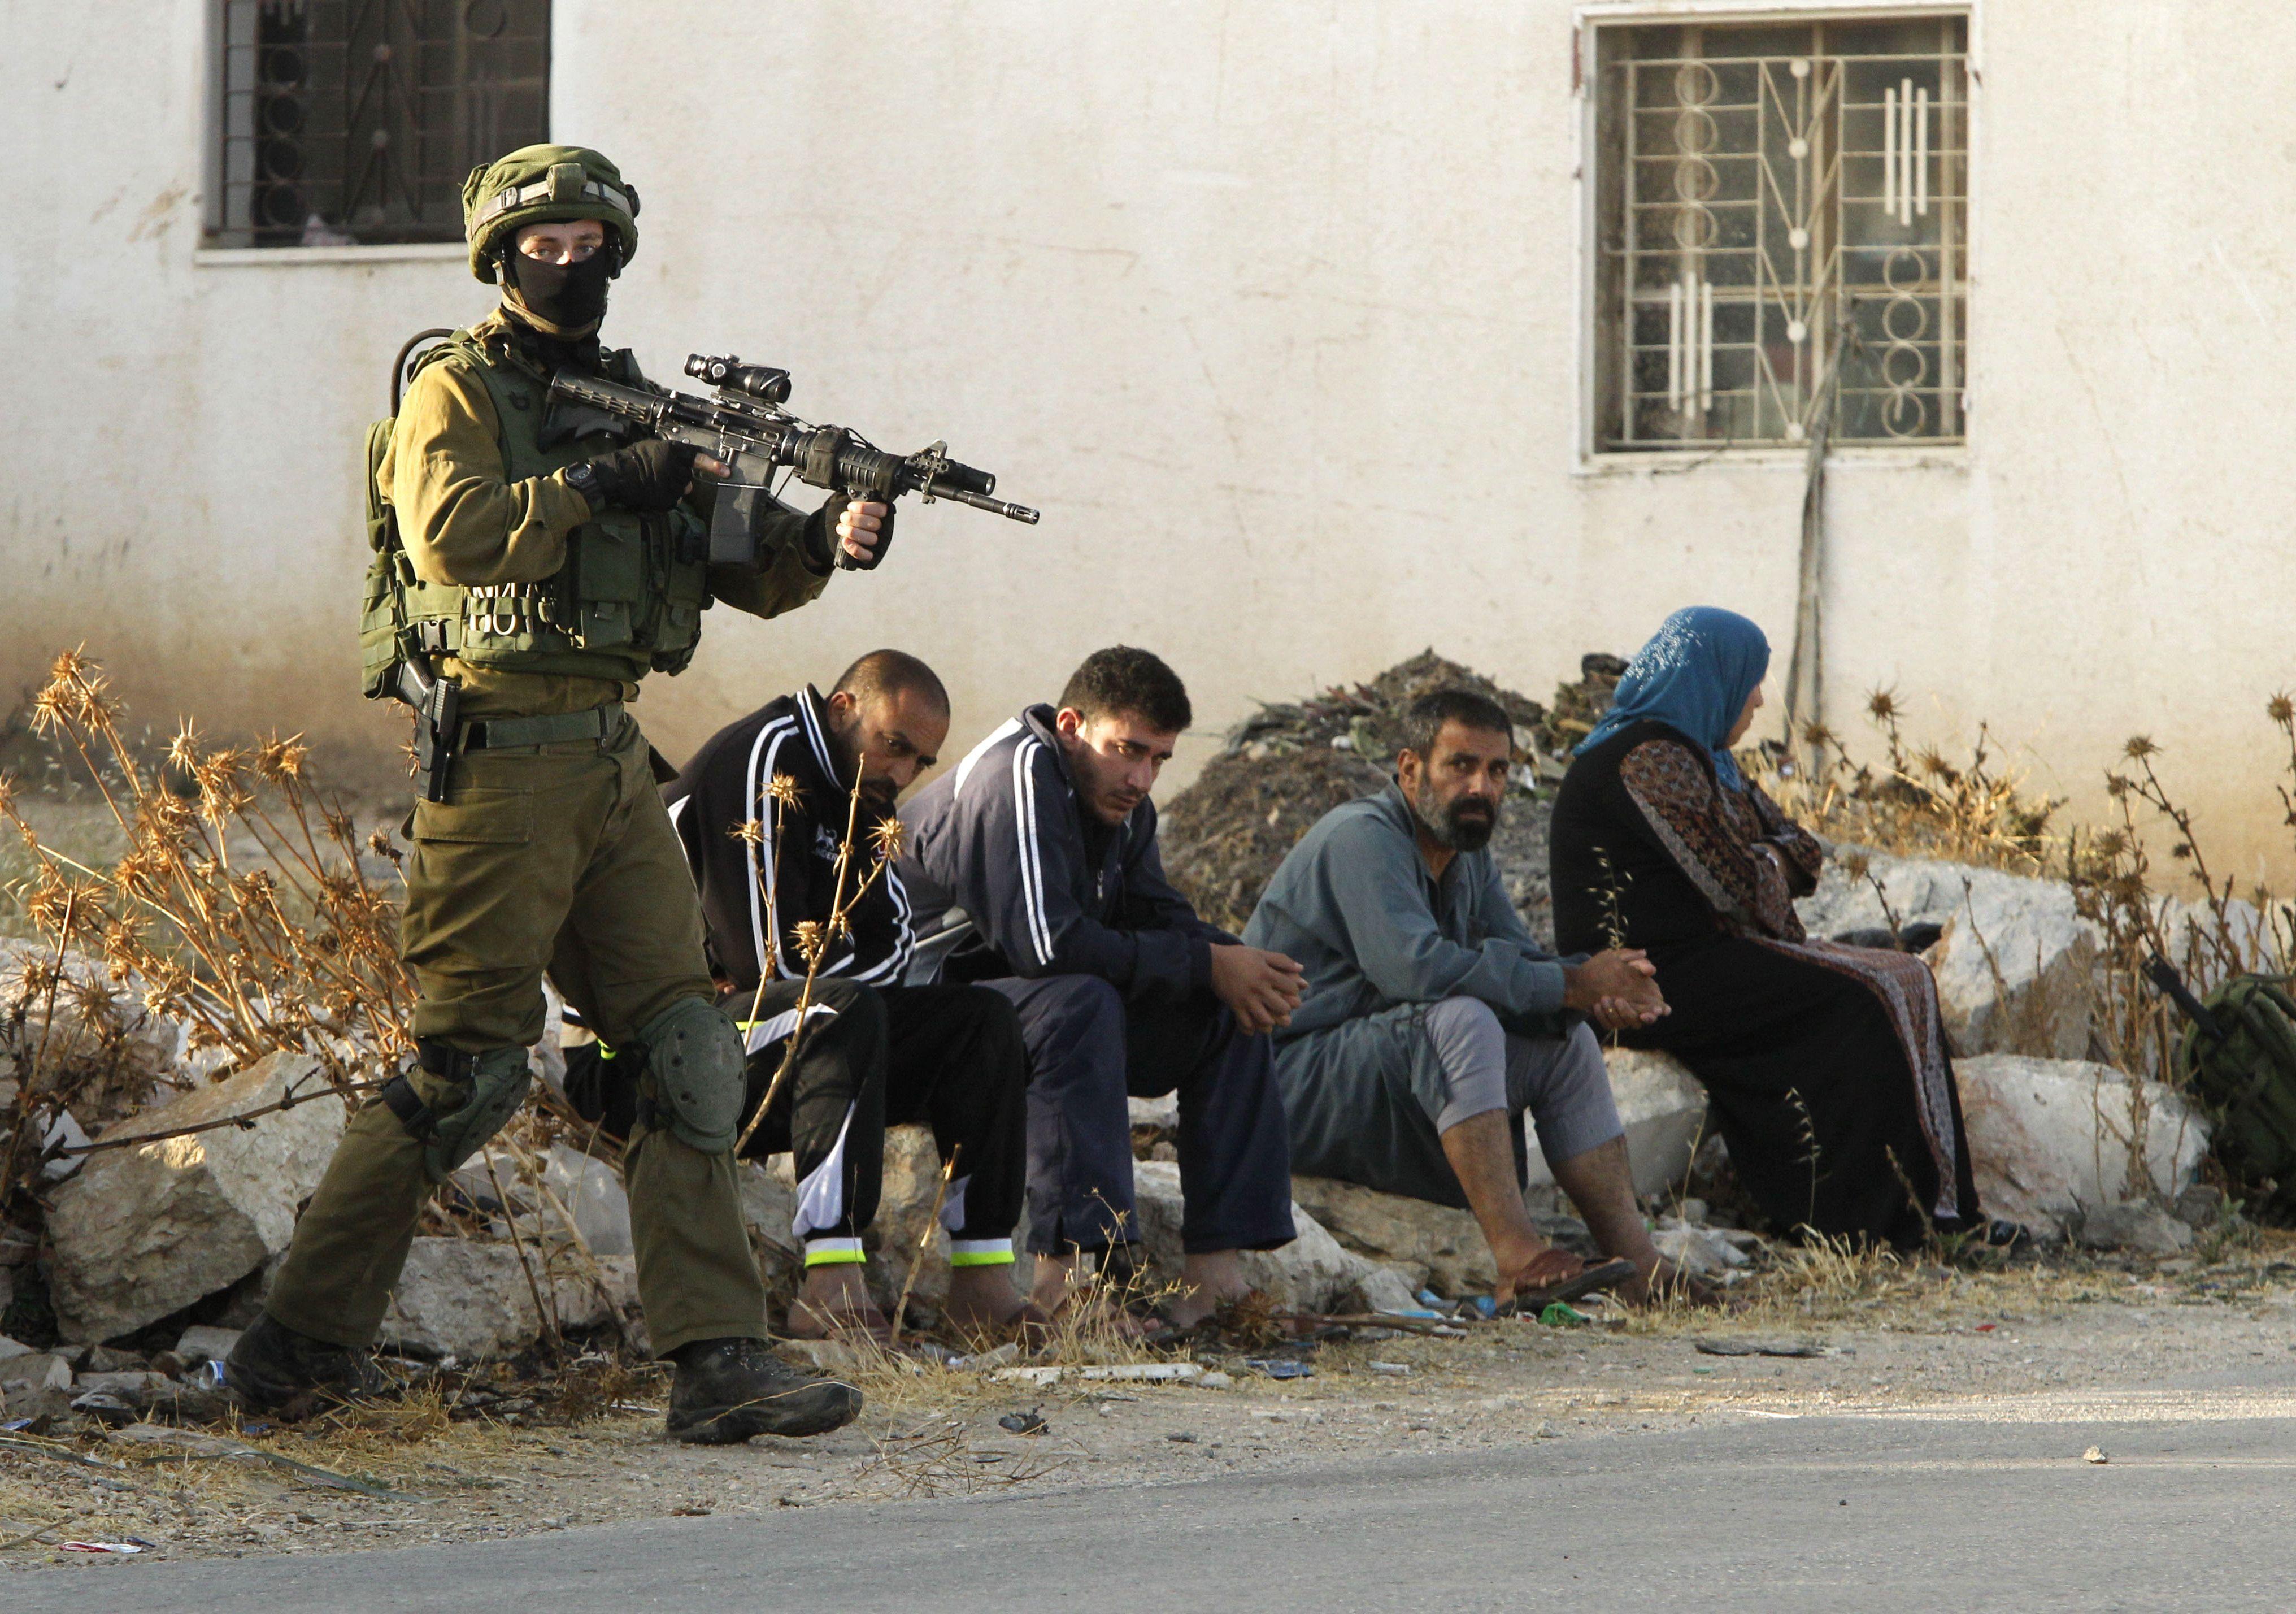 イスラエル銃乱射事件、軍が「報...